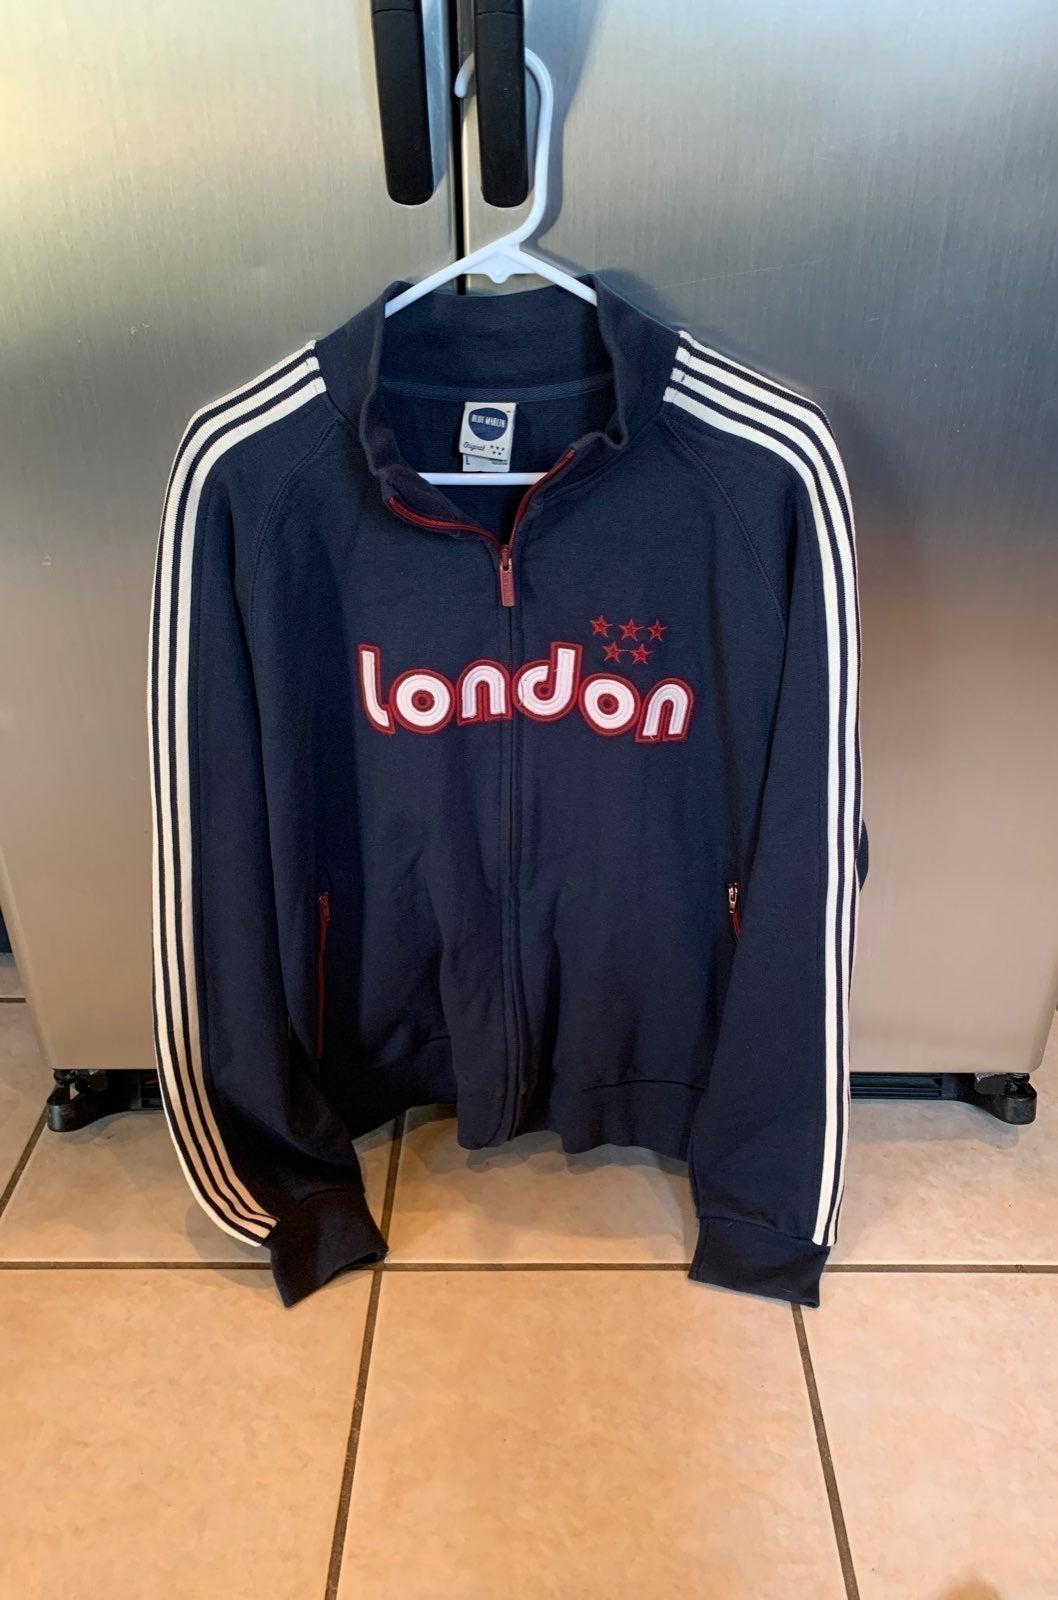 Blue Marlin London Olympics Track Jacket